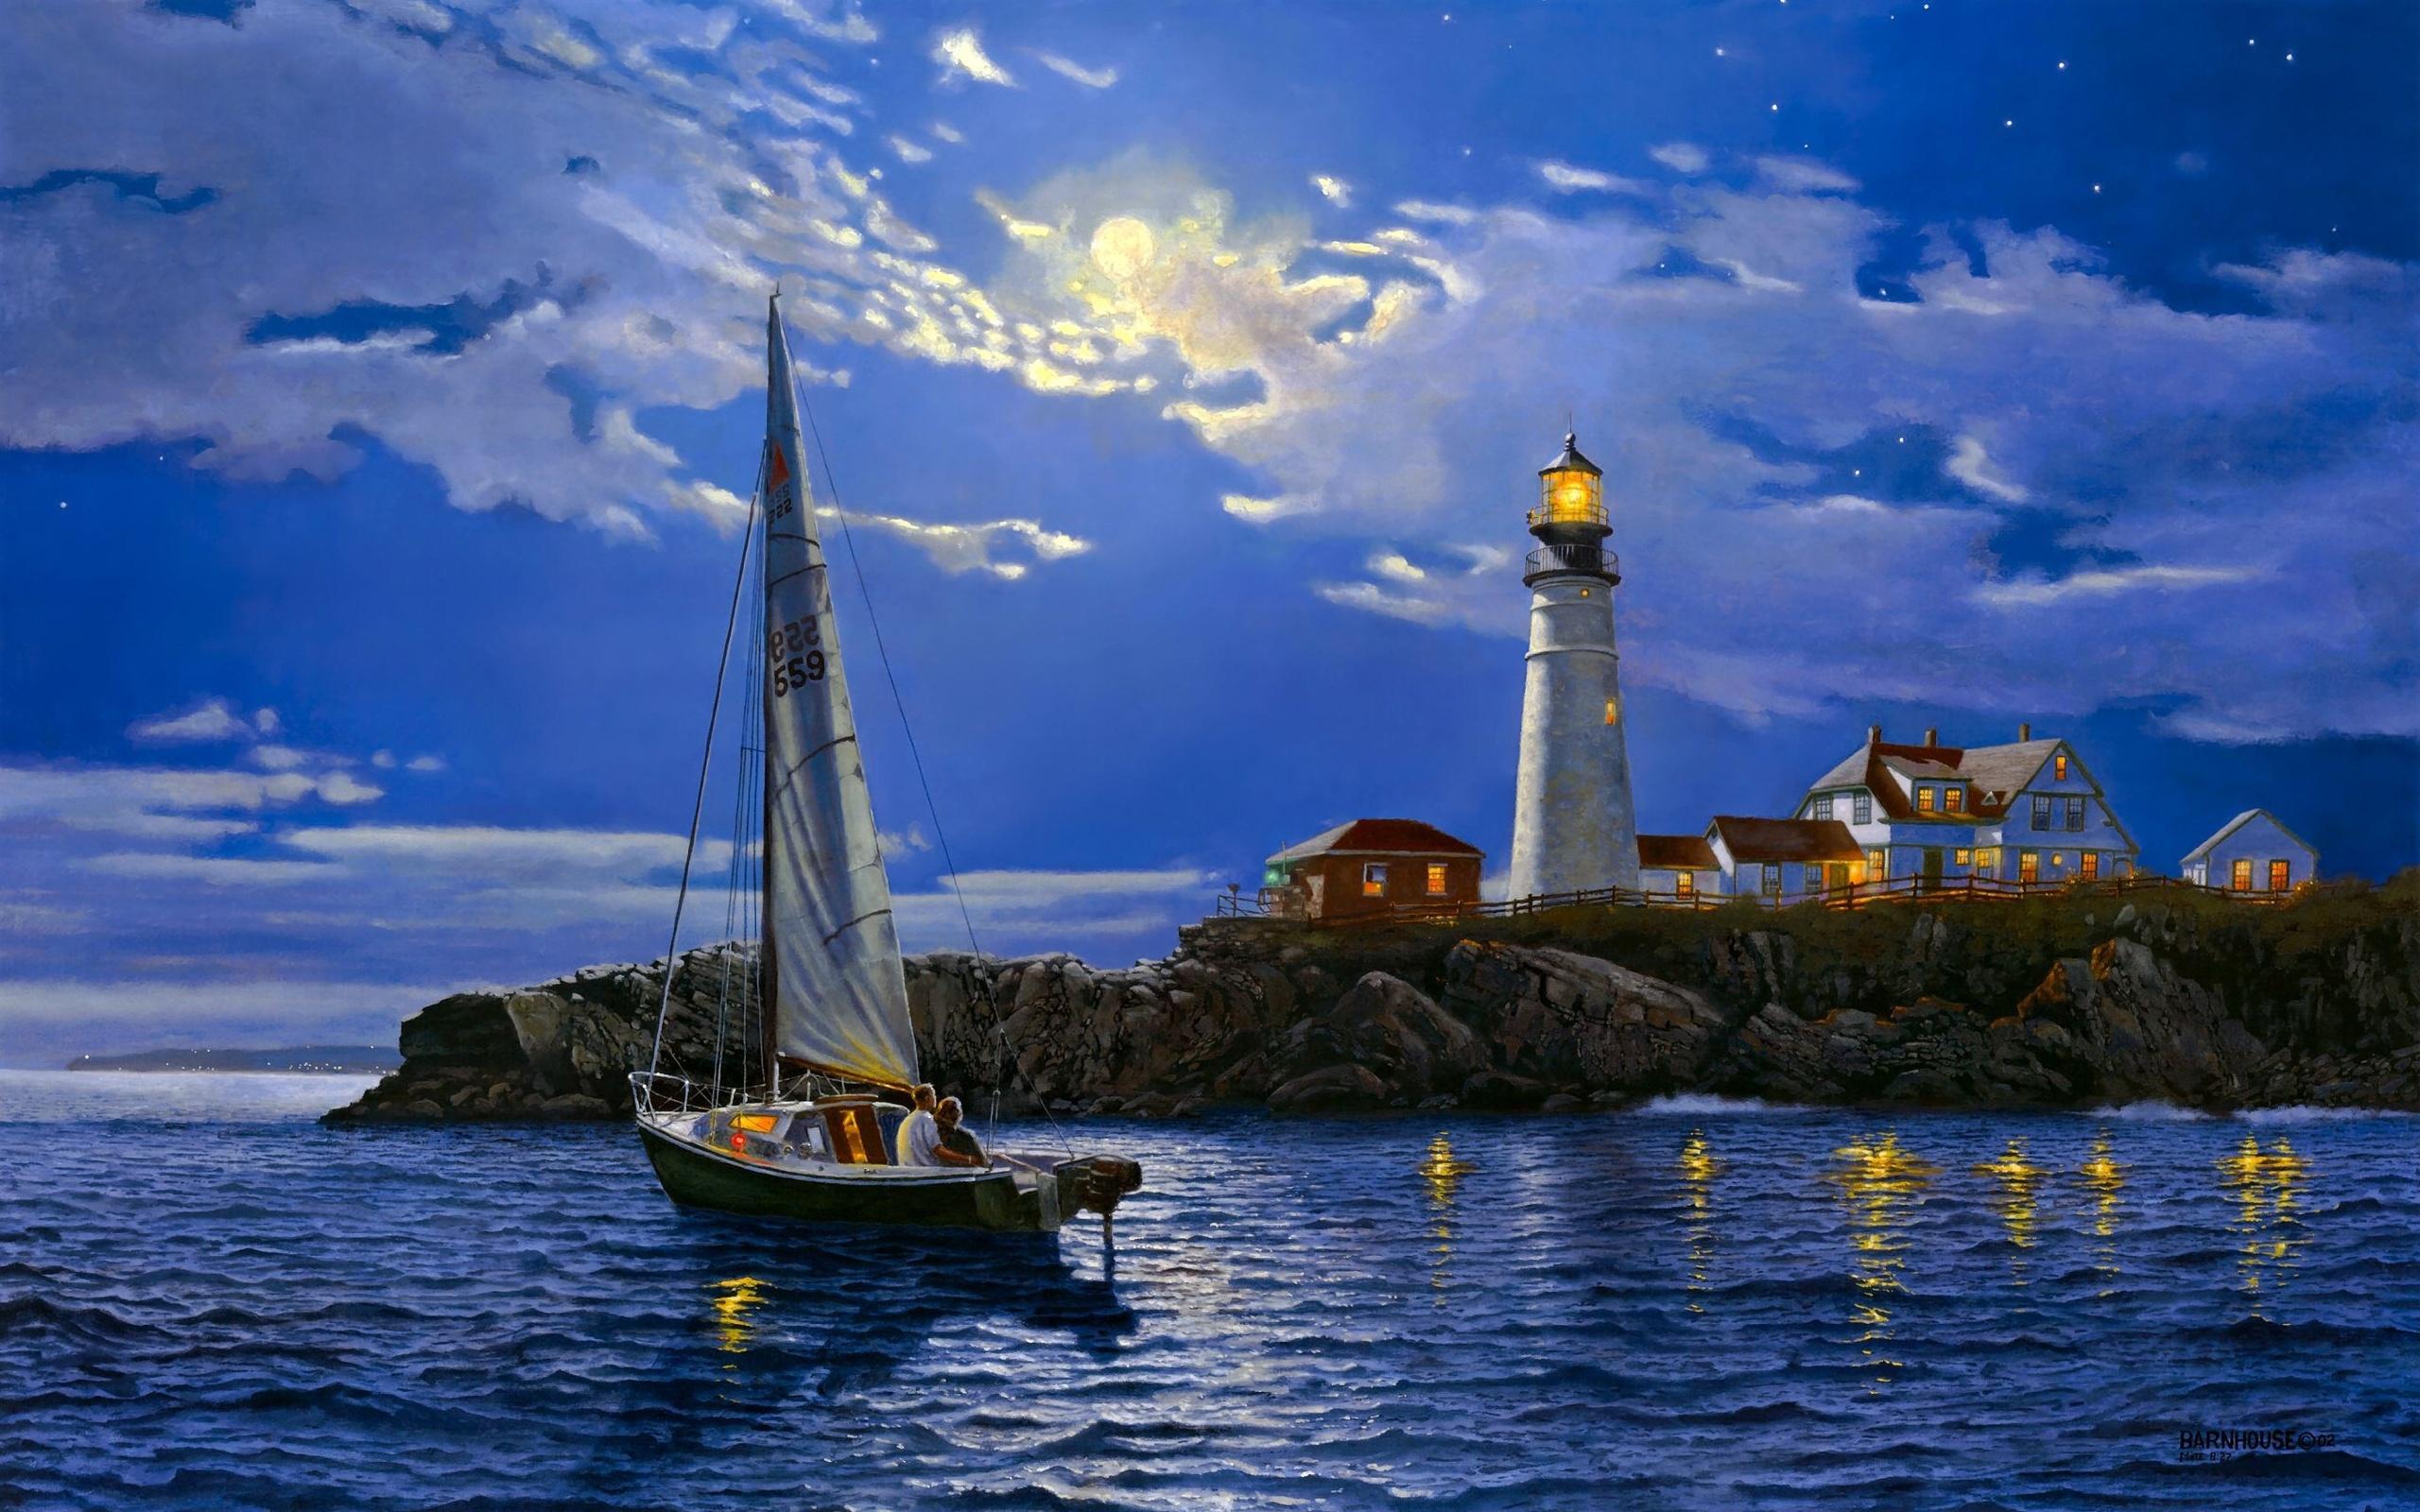 Открытки с морем и яхтами, открытки